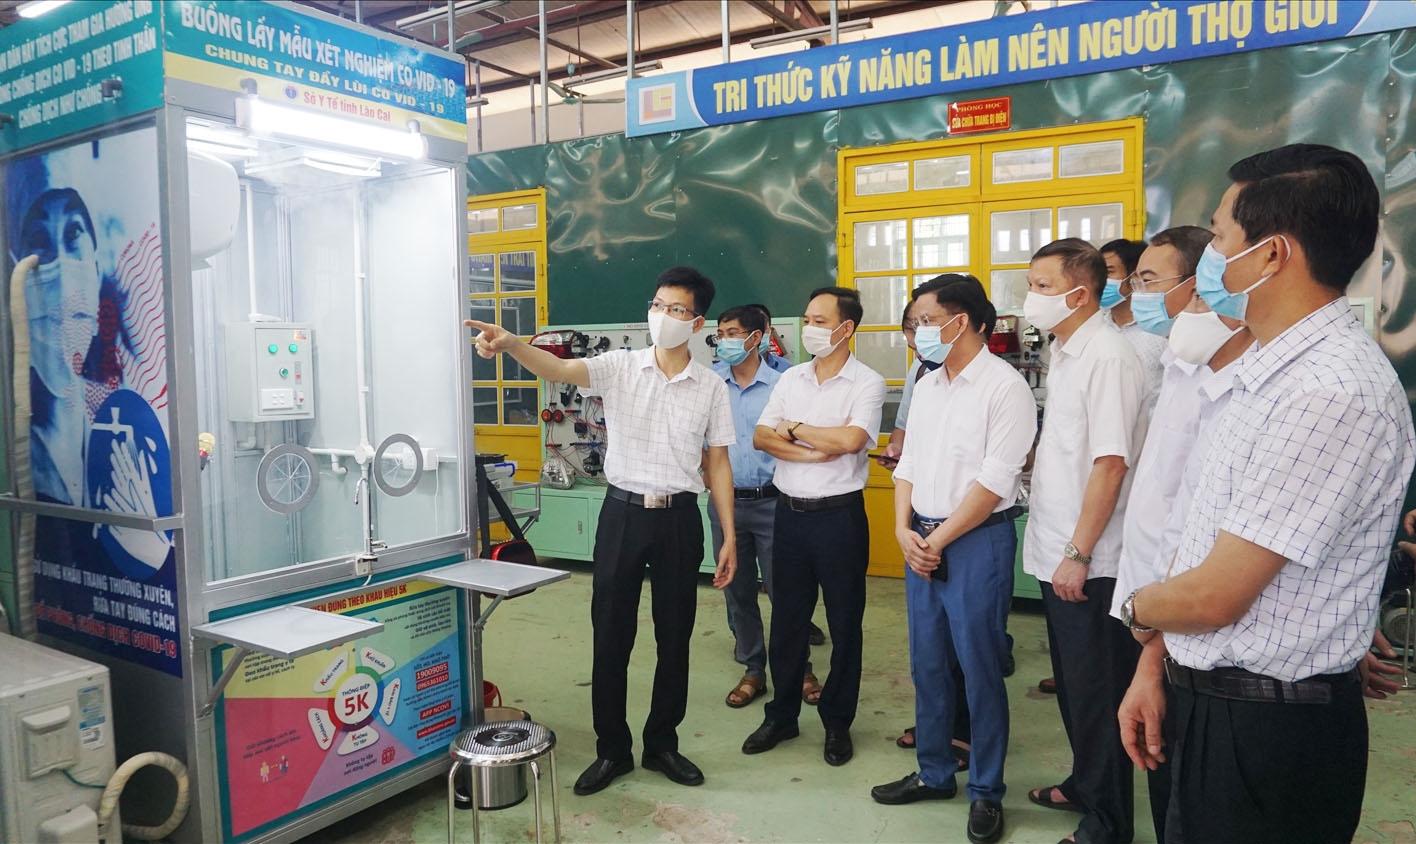 Hai ca bin sẽ được ngành y tế Lào Cai đặt tại Cửa khẩu Quốc tế Kim Thành và Chốt kiểm dịch 237 đường cao tốc Nội Bài-Lào Cai